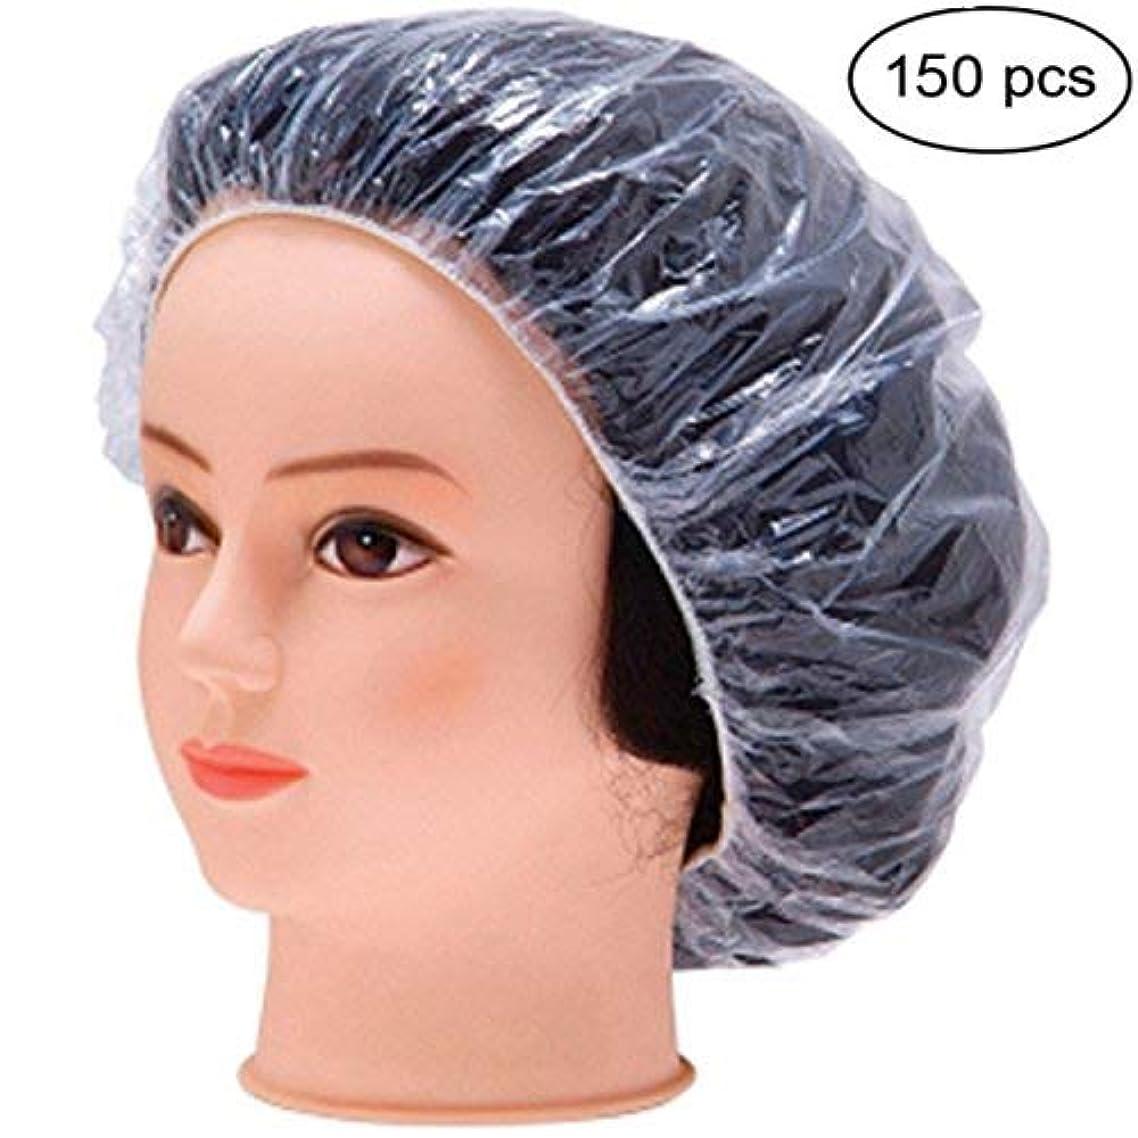 意味する空白右使い捨て シャワーキャップ 150枚入り プロワーク ヘアキャップ 防水透明プラスチック製シャワーキャップ 、弾性の水浴帽子、加工帽子、女性の美容帽ダストハットスパ、ヘアサロン、ホームユースホテル等で使用